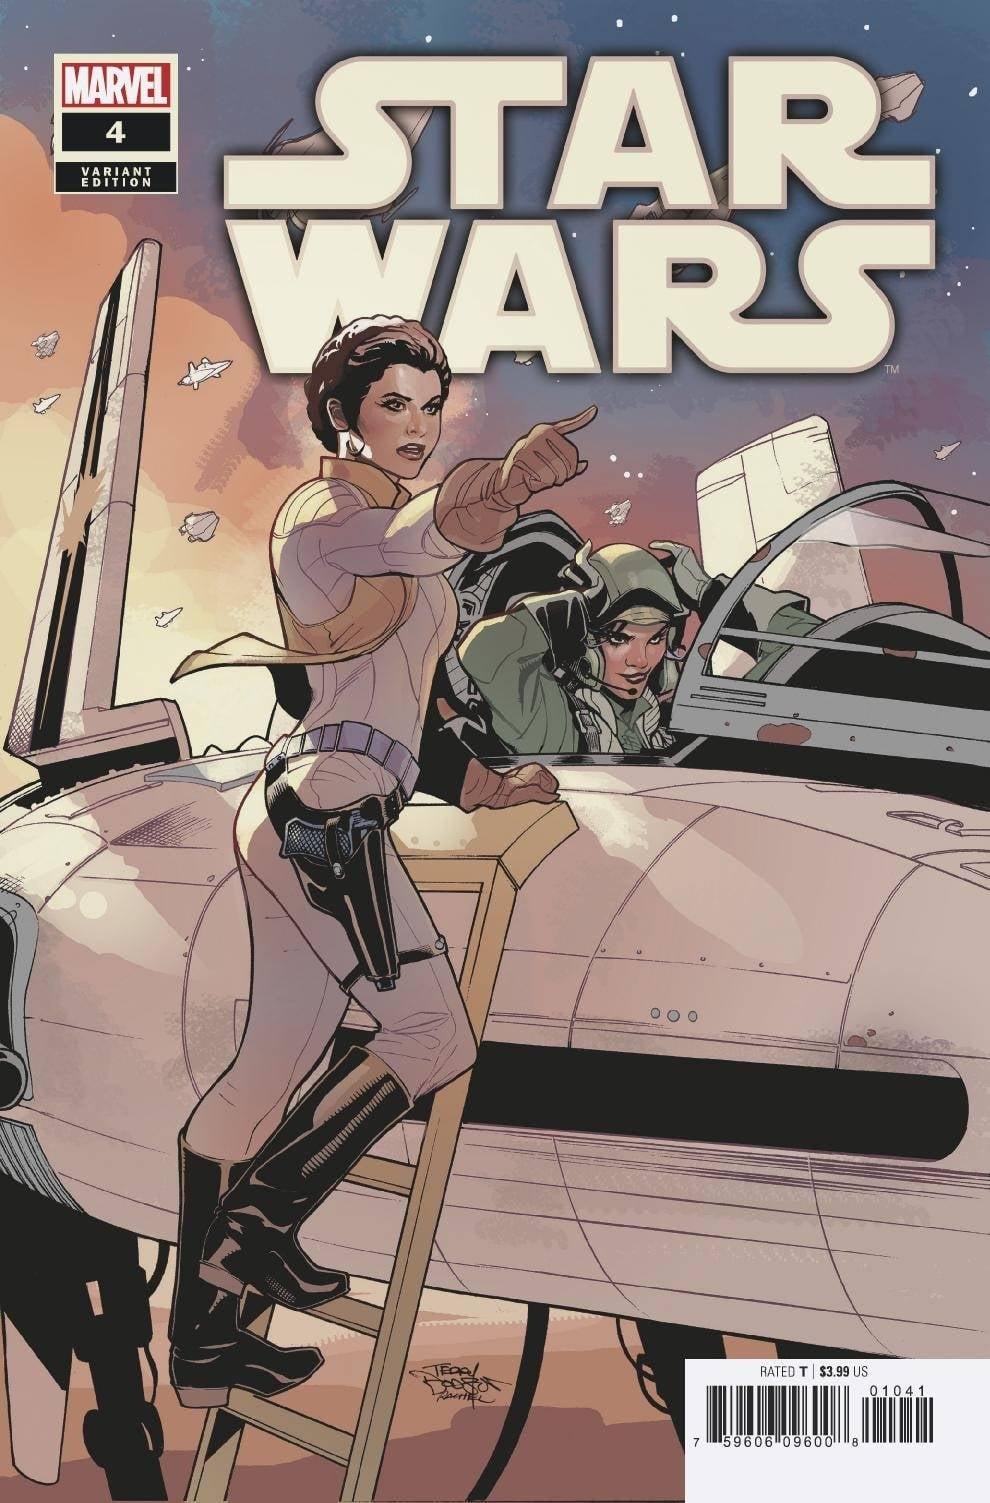 Star Wars 10 (Marvel 2020) - Dodson Variant